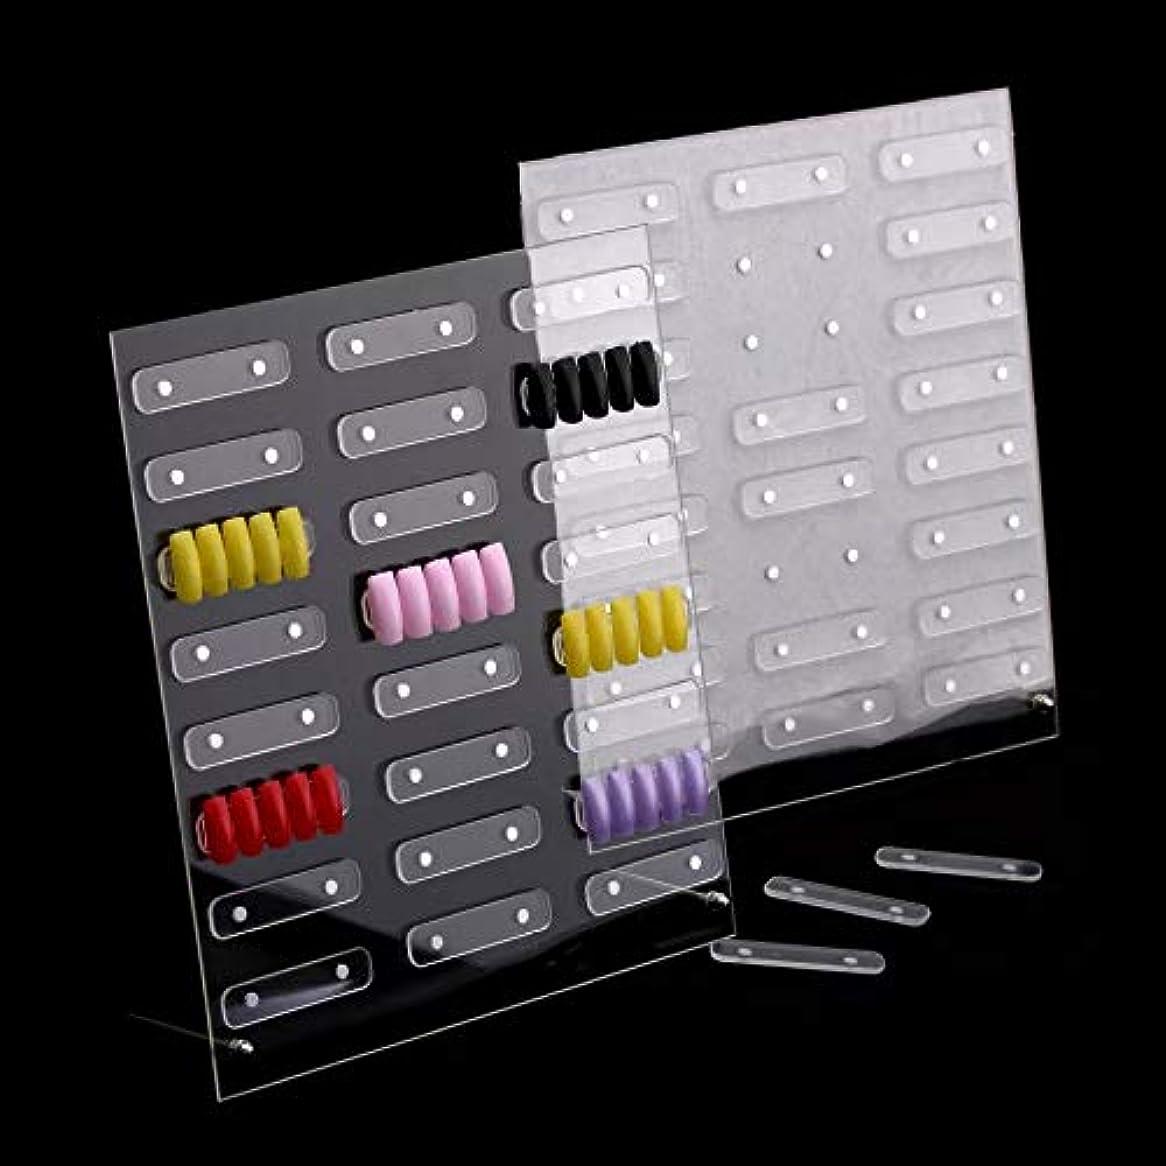 卒業ディレイ代わりにを立てる磁石付きネイルサンプルディスプレイボード展示板 大容量24セット設置可能 見本ボード サンプルチップ貼り付け板 入れ替え取り外し簡単ラクラク! (大 (32ピース))